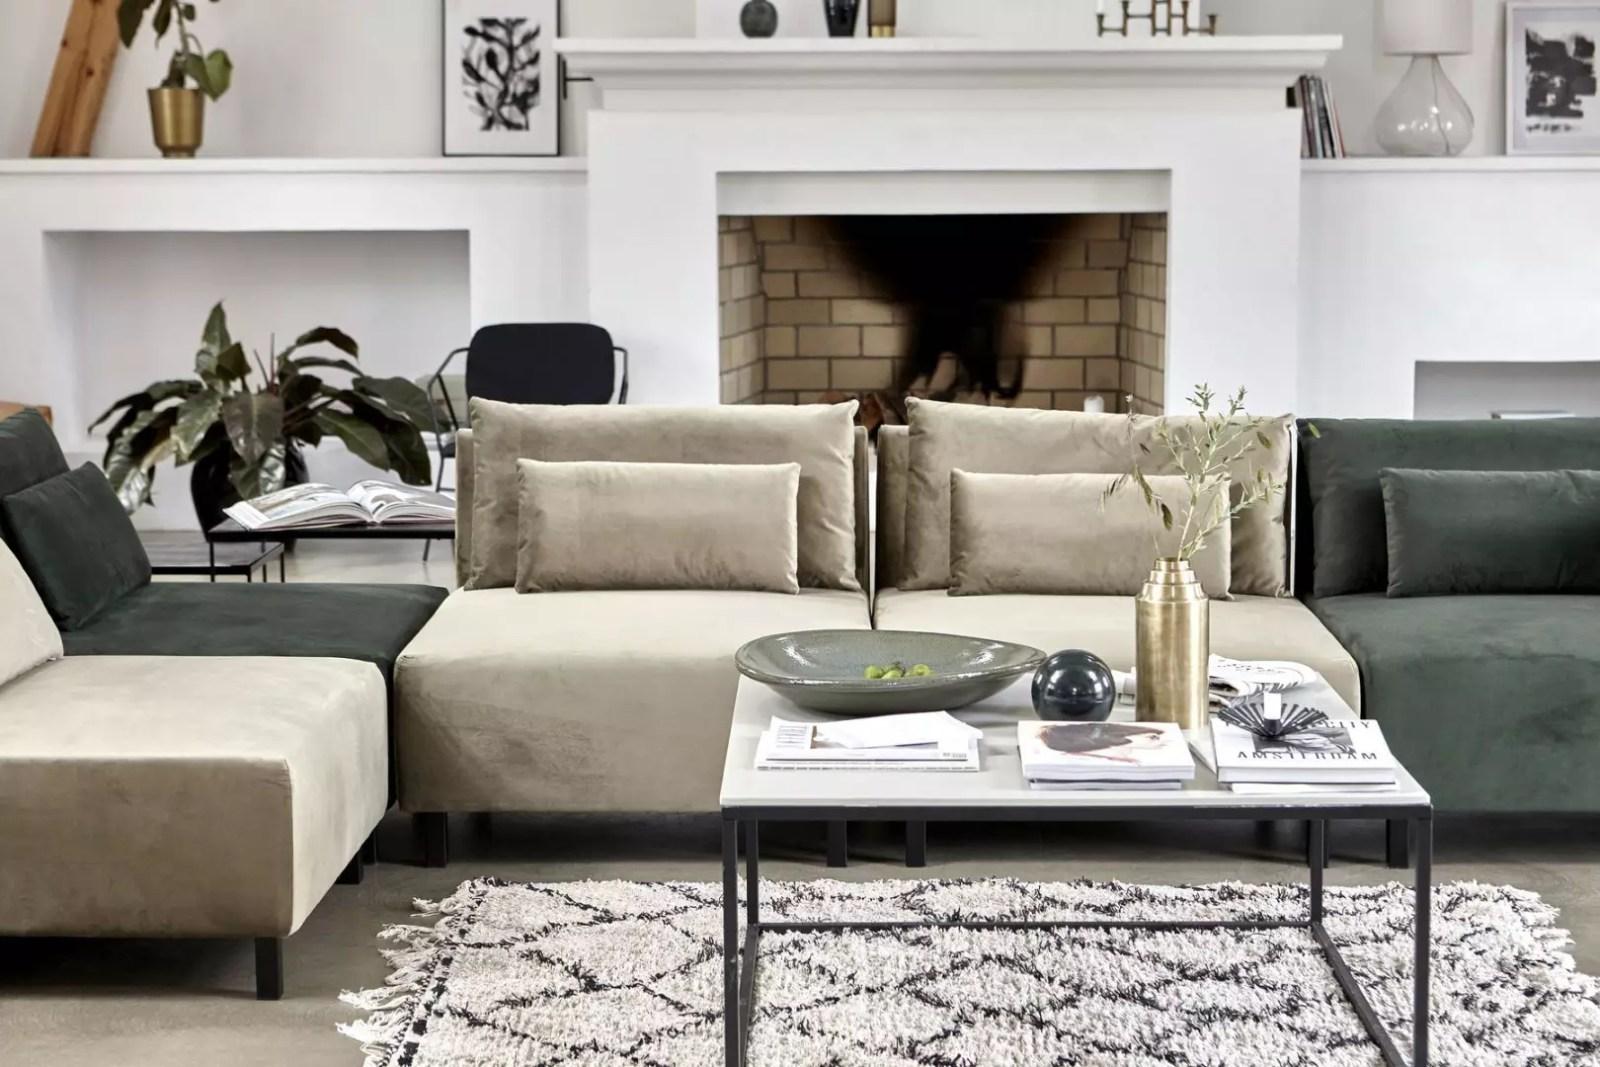 Woontrends | Velvet stof in je woning. Doe jij mee met deze trend? Woonblog StijlvolStyling.com (beeld: House Doctor)